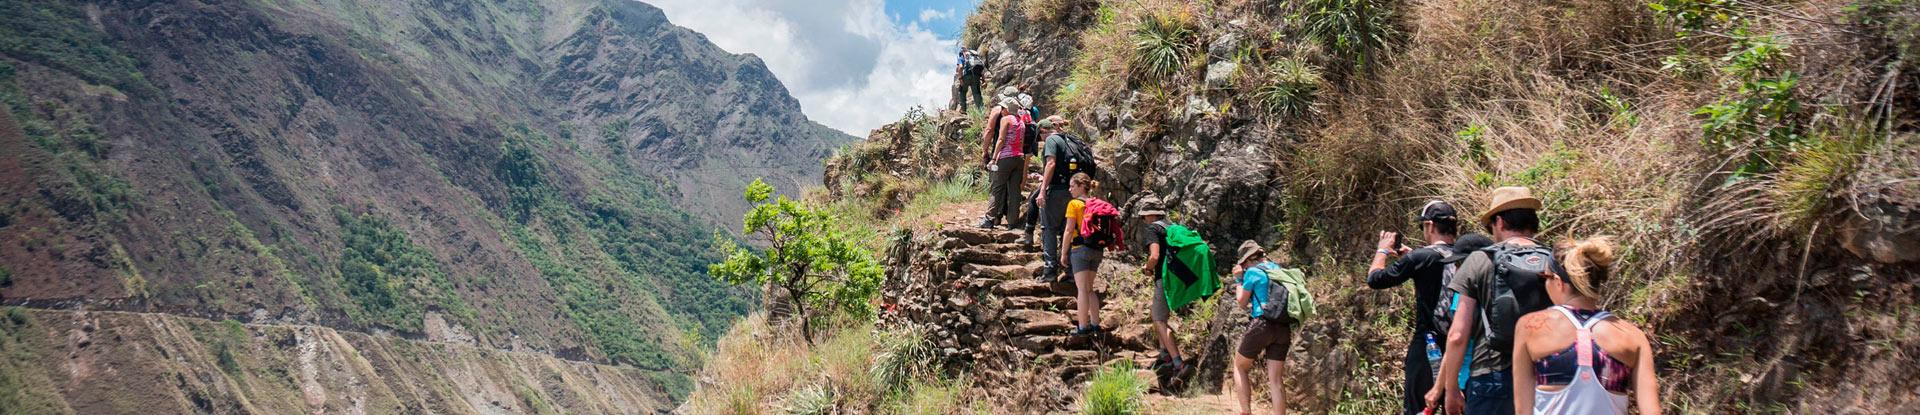 Cusco Day Hiking